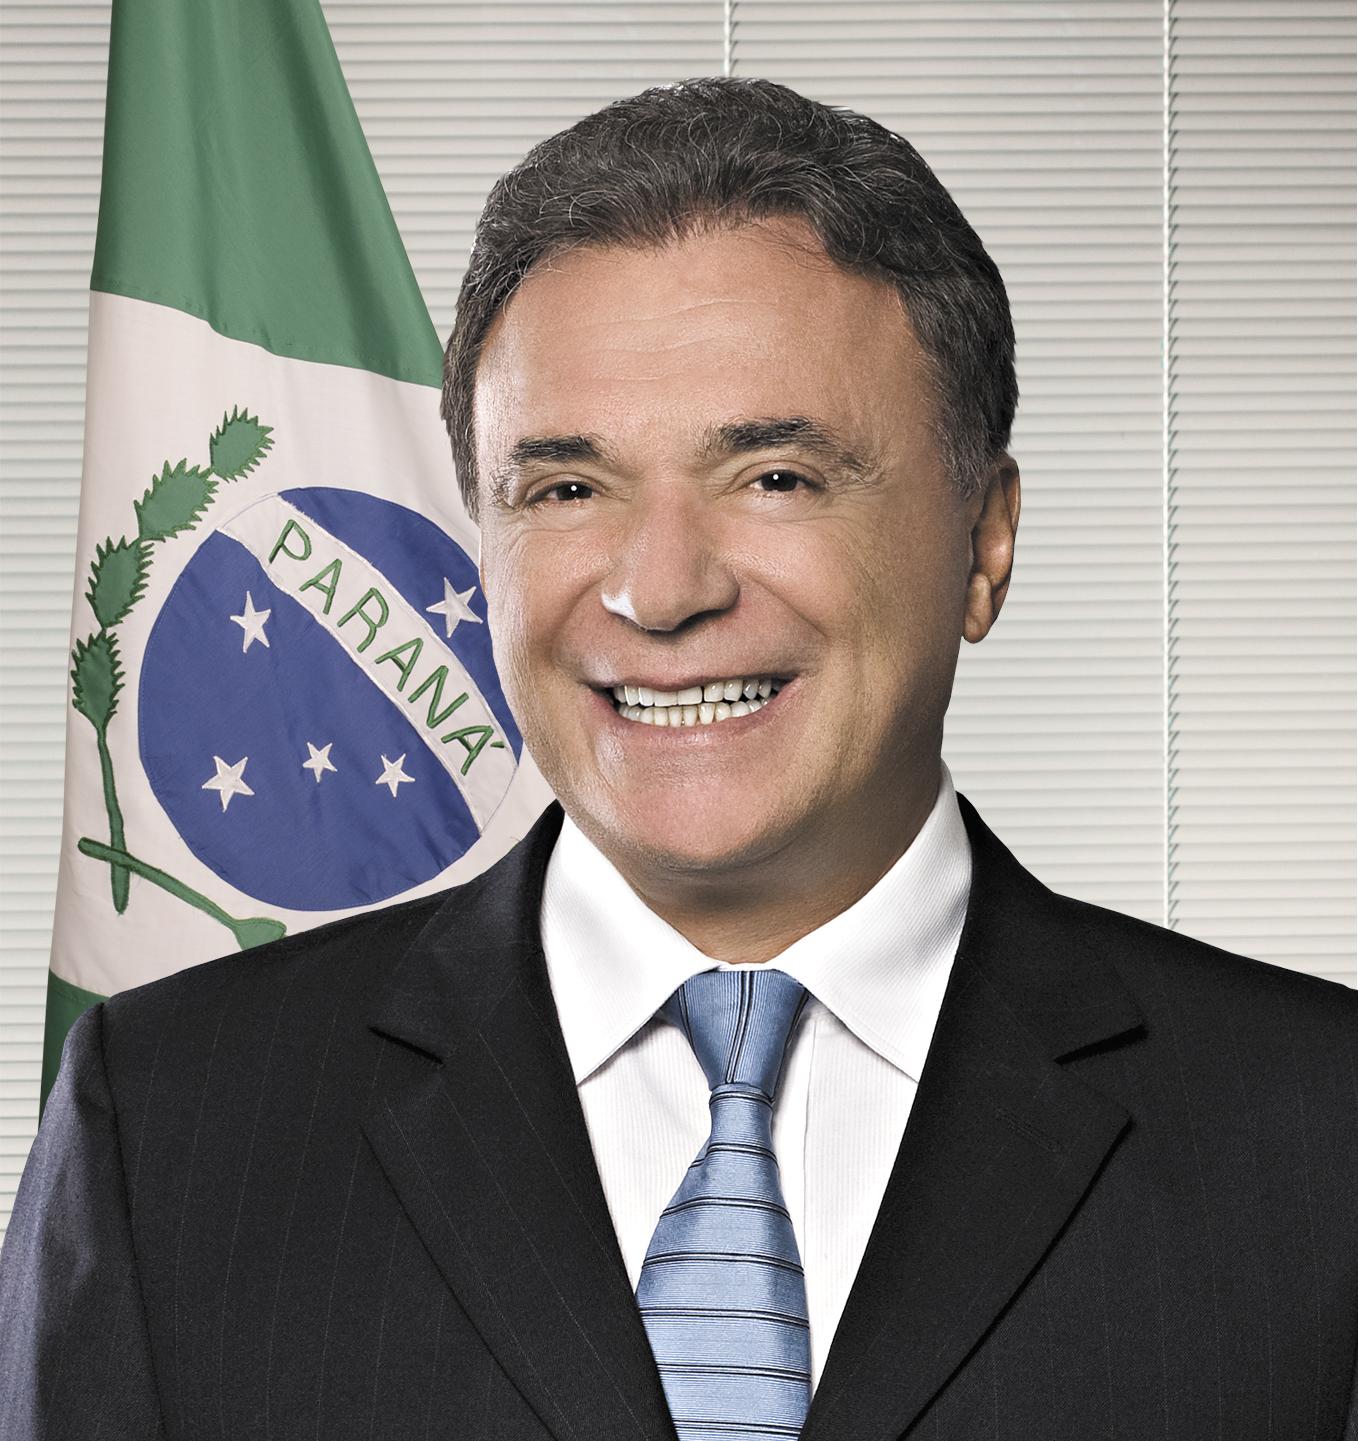 Veja o que saiu no Migalhas sobre Álvaro Dias